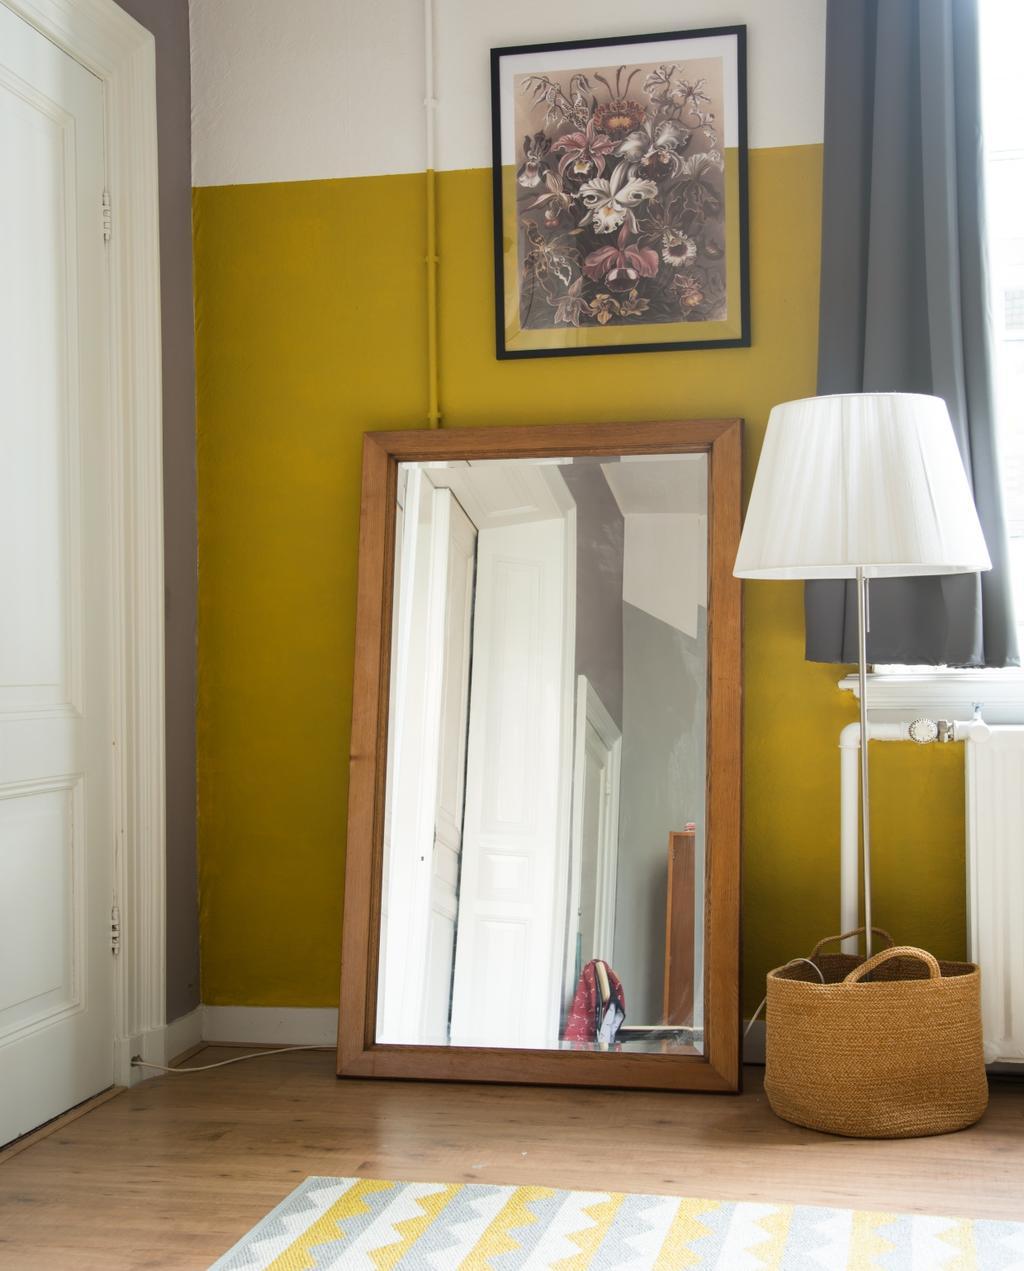 vtwonen 06-2020 | binnenkijken Nijmegen slaapkamer met staande spiegel